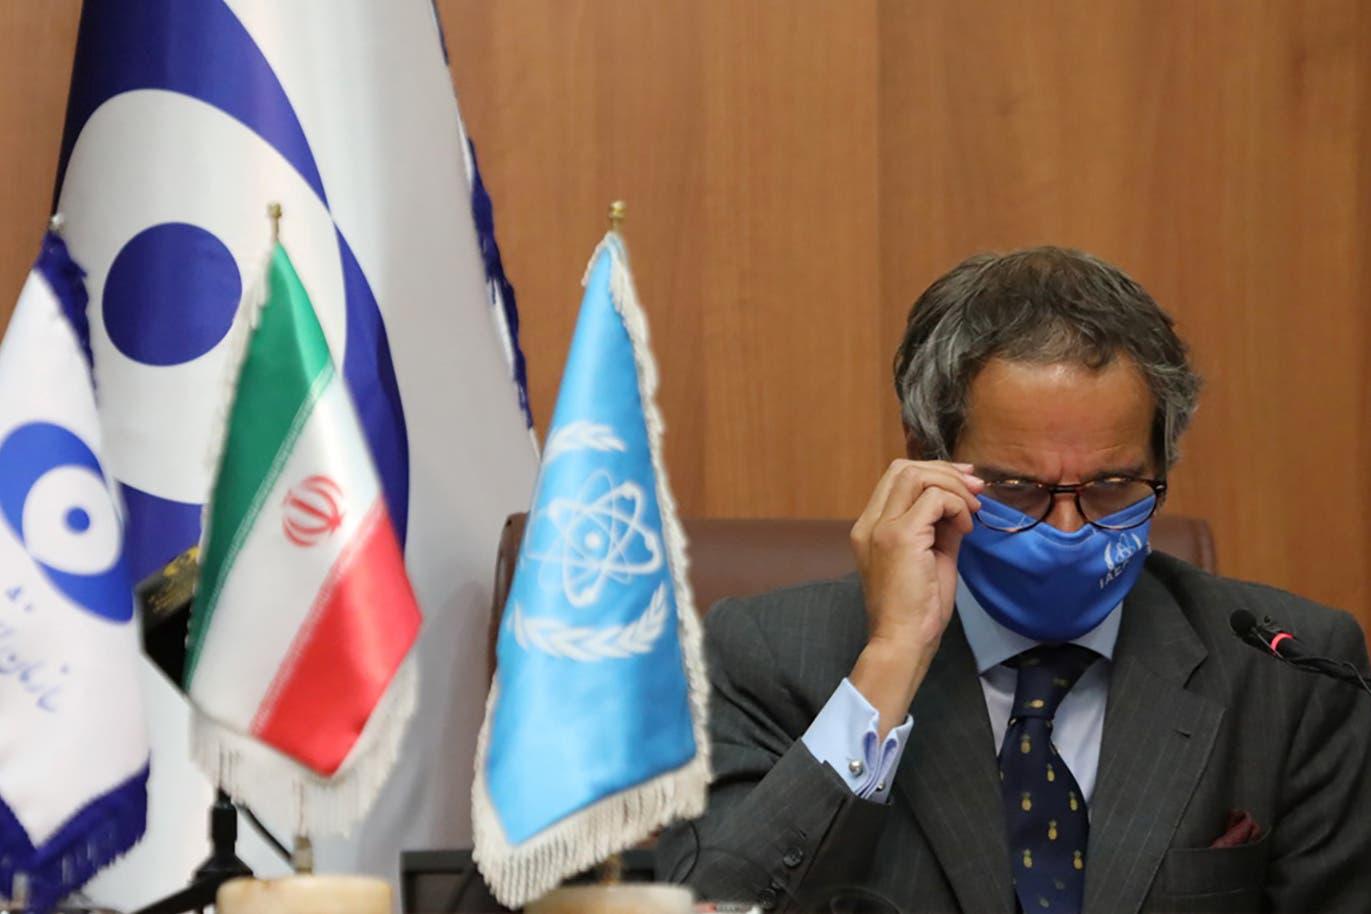 من زيارة مدير عام الوكالة الدولية للطاقة الذرية إلى إيران في أواخر أغسطس